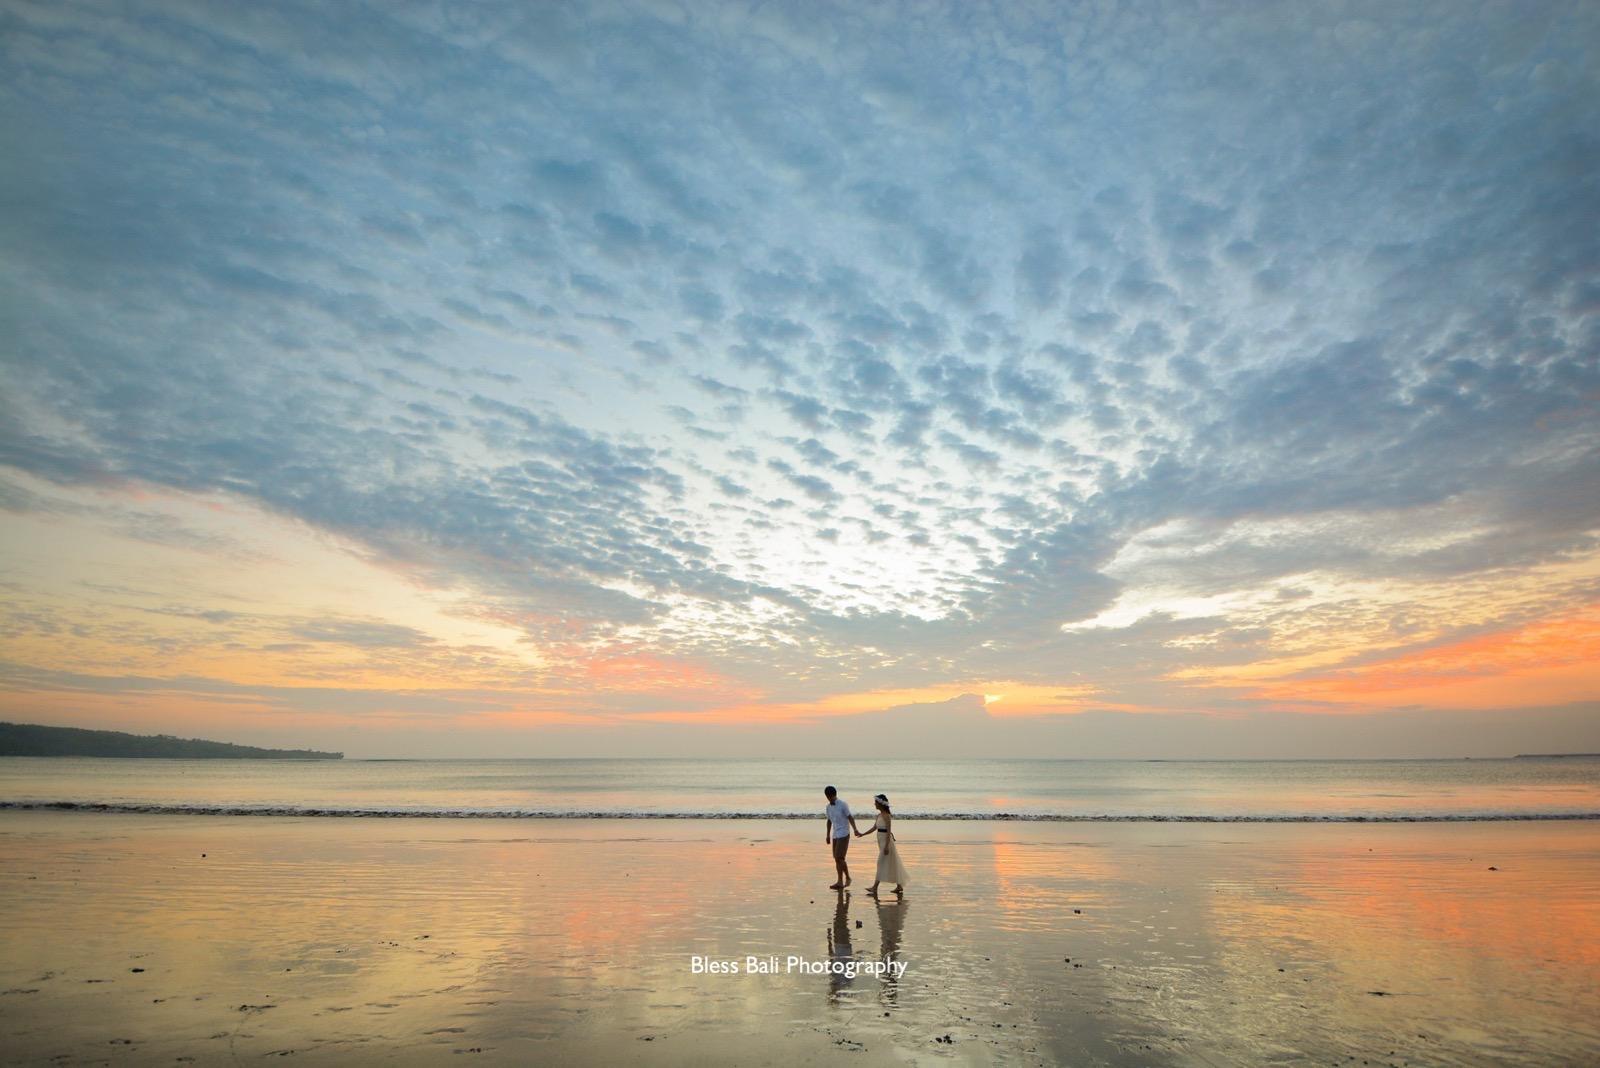 サンセットビーチフォト お散歩ショット